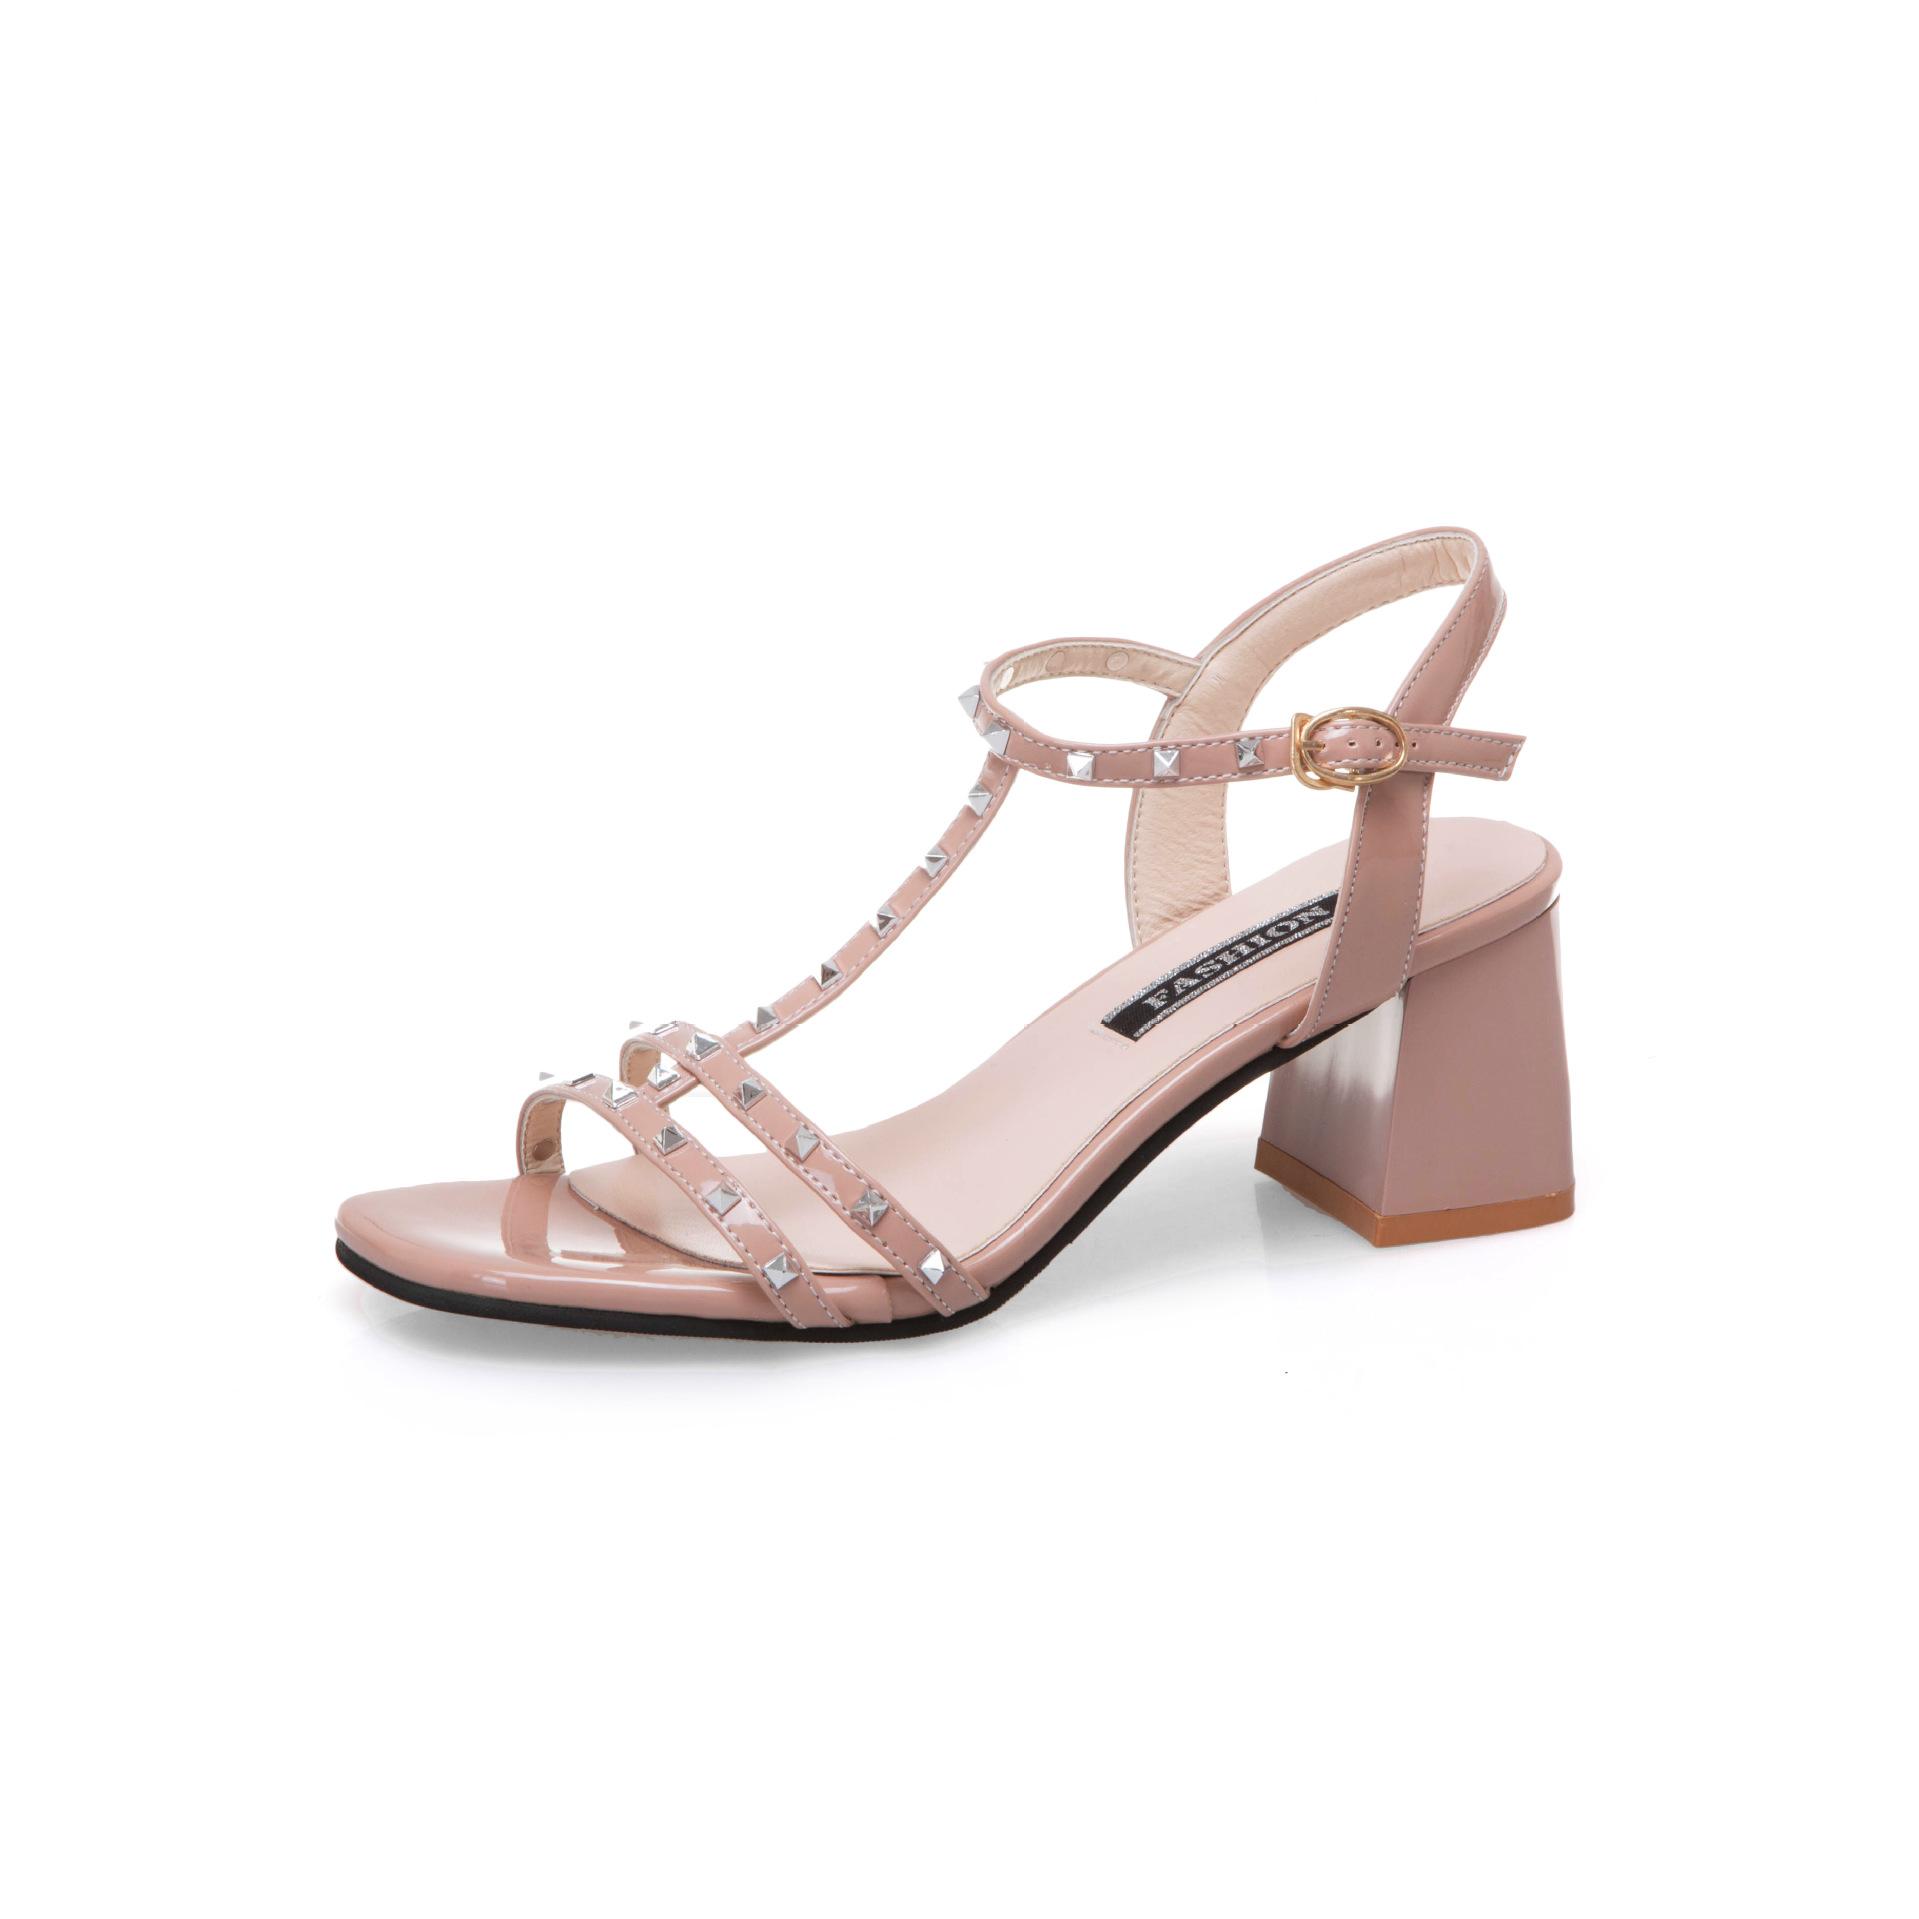 Chaussures été pour femme en Caoutchouc - Ref 3347486 Image 7